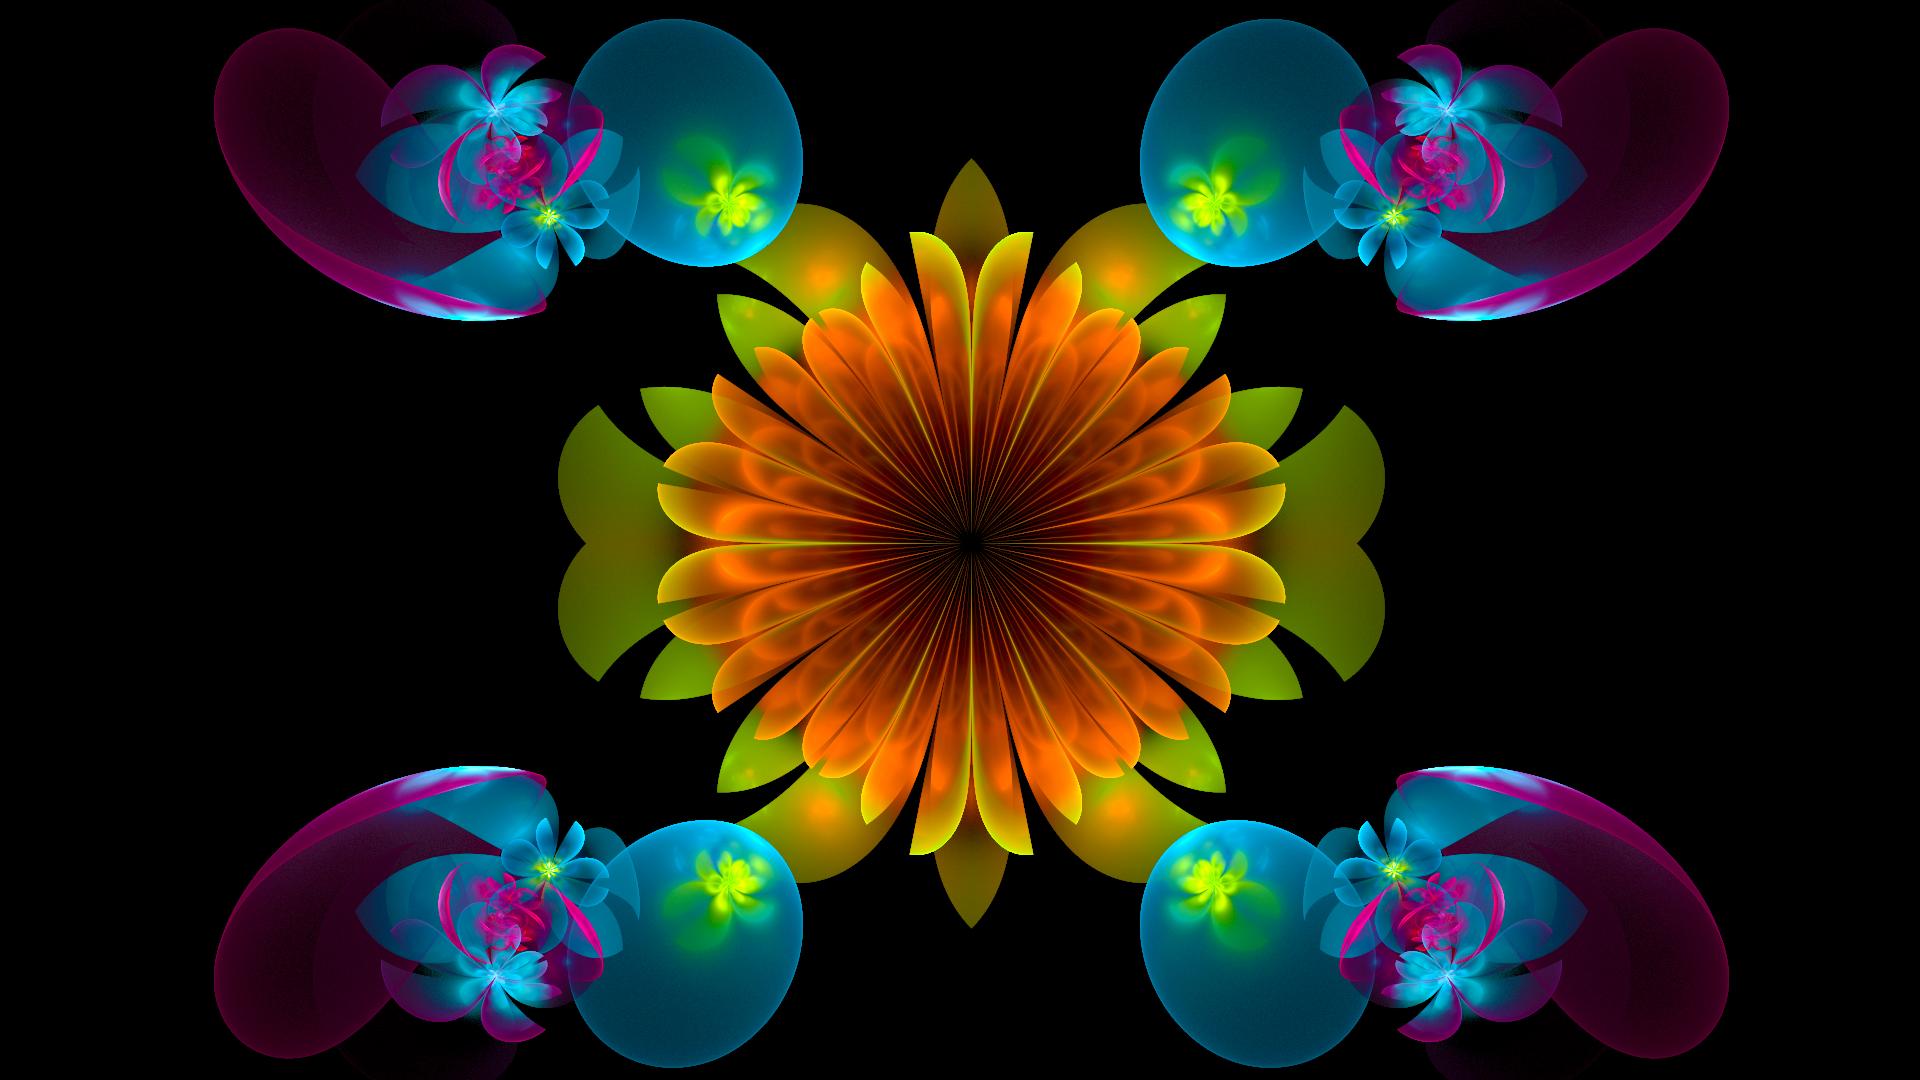 The Flower by Fractamonium